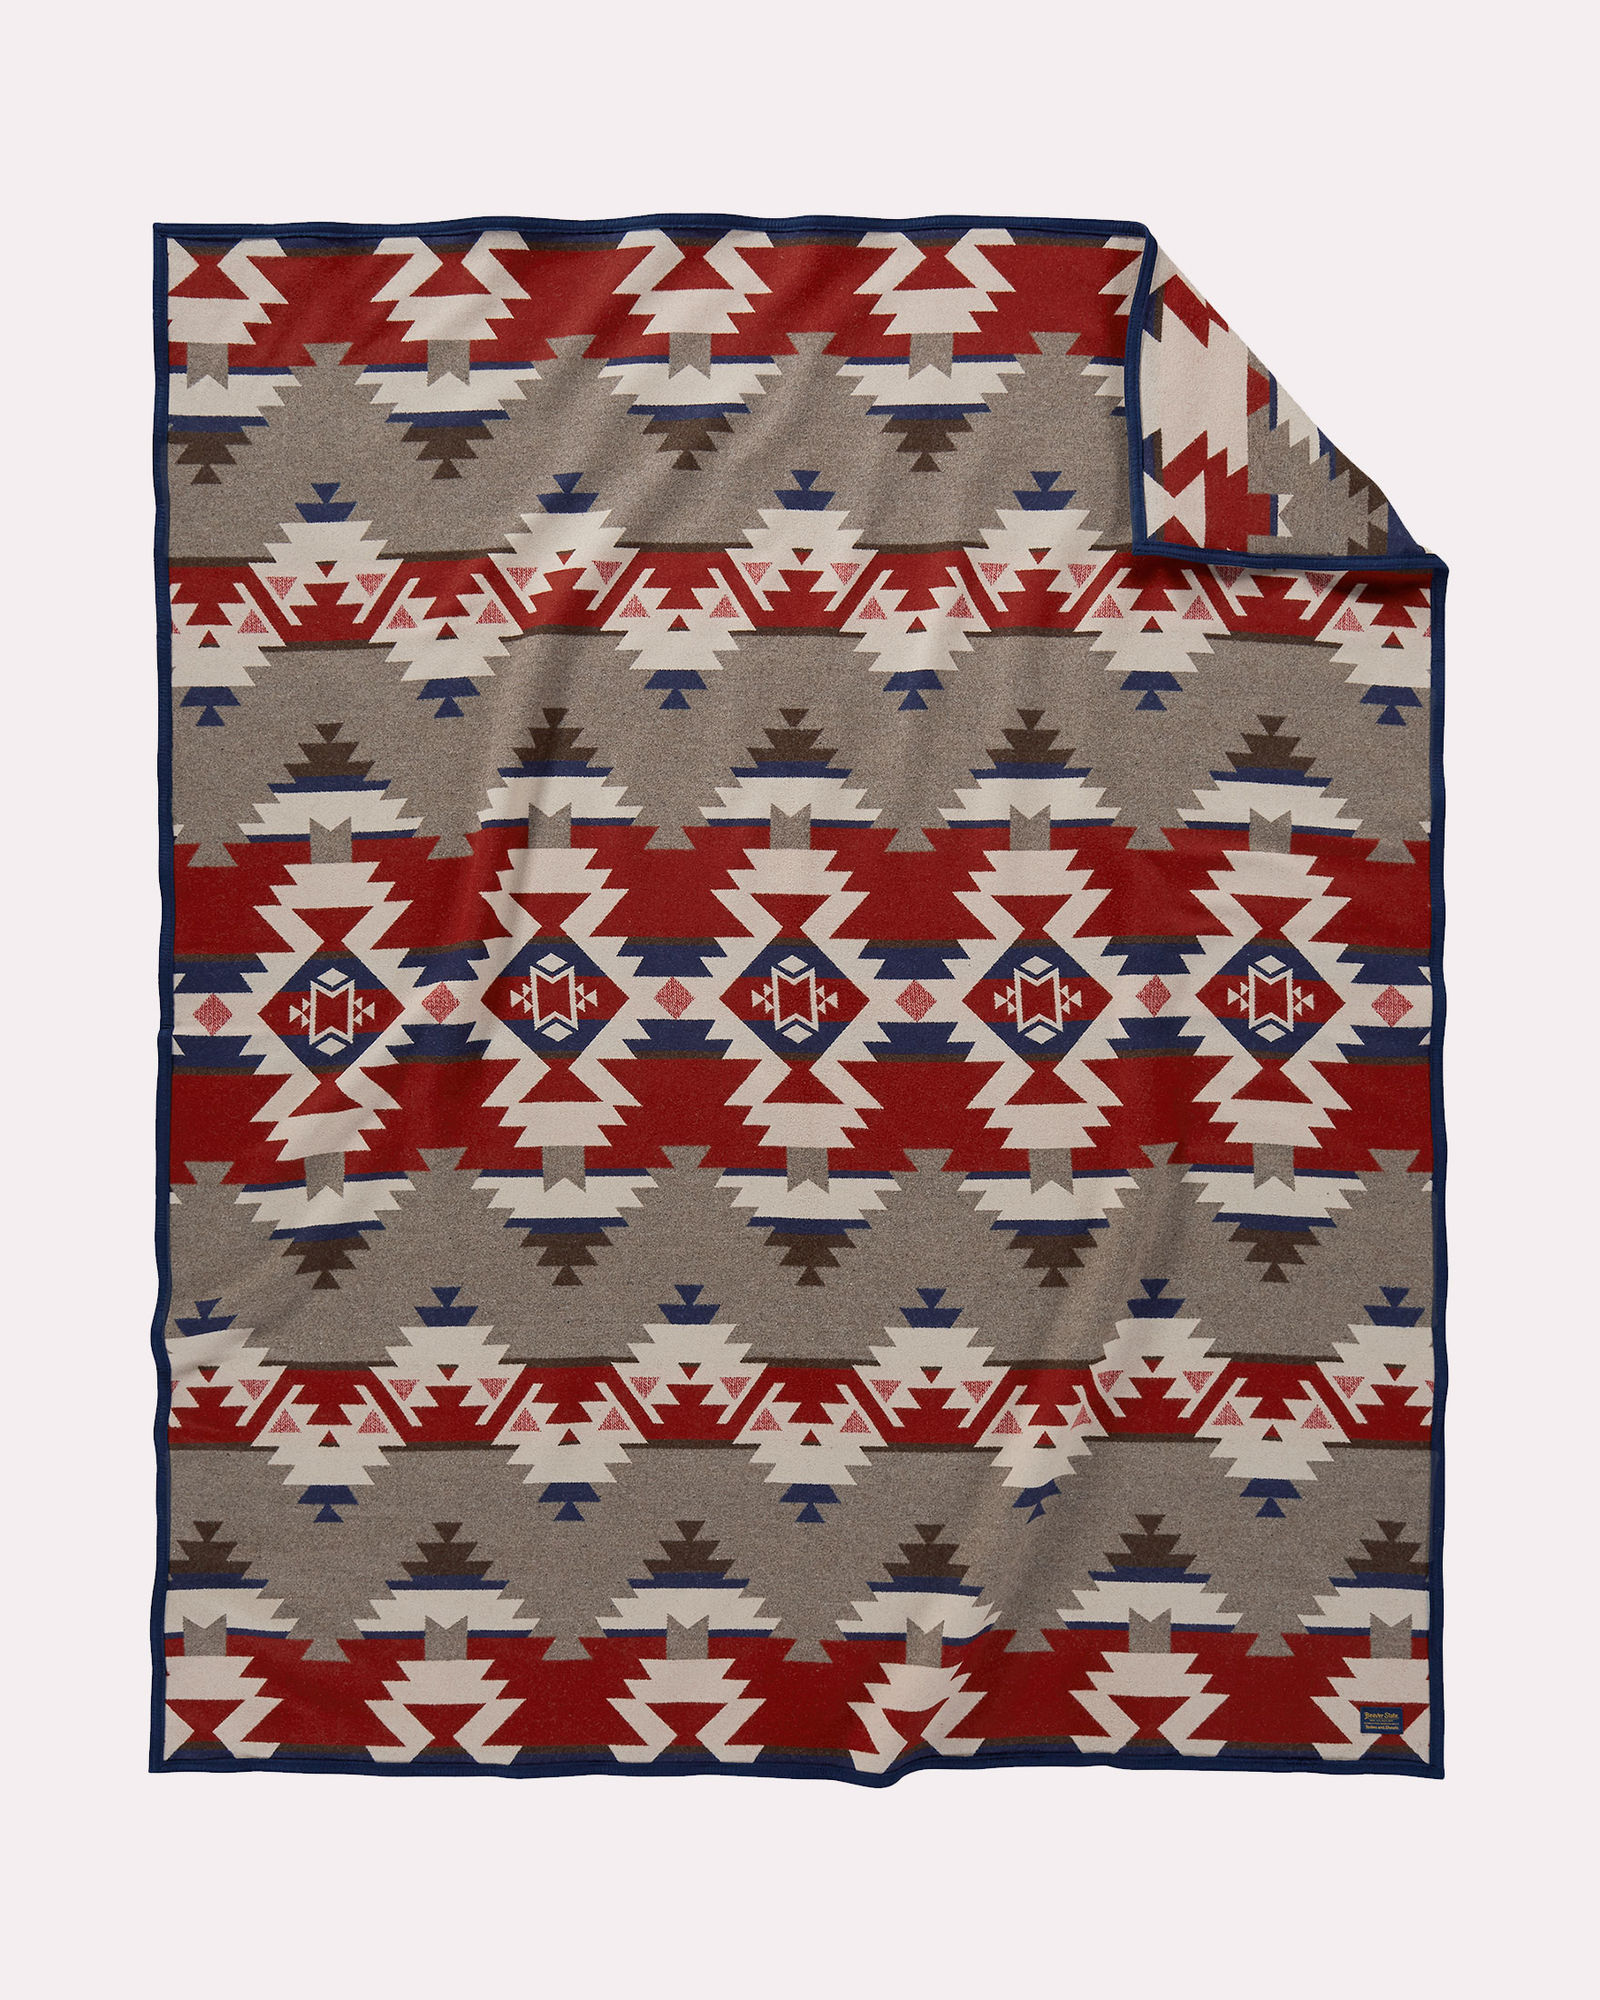 The Pendleton Mountain Majesty blanket.